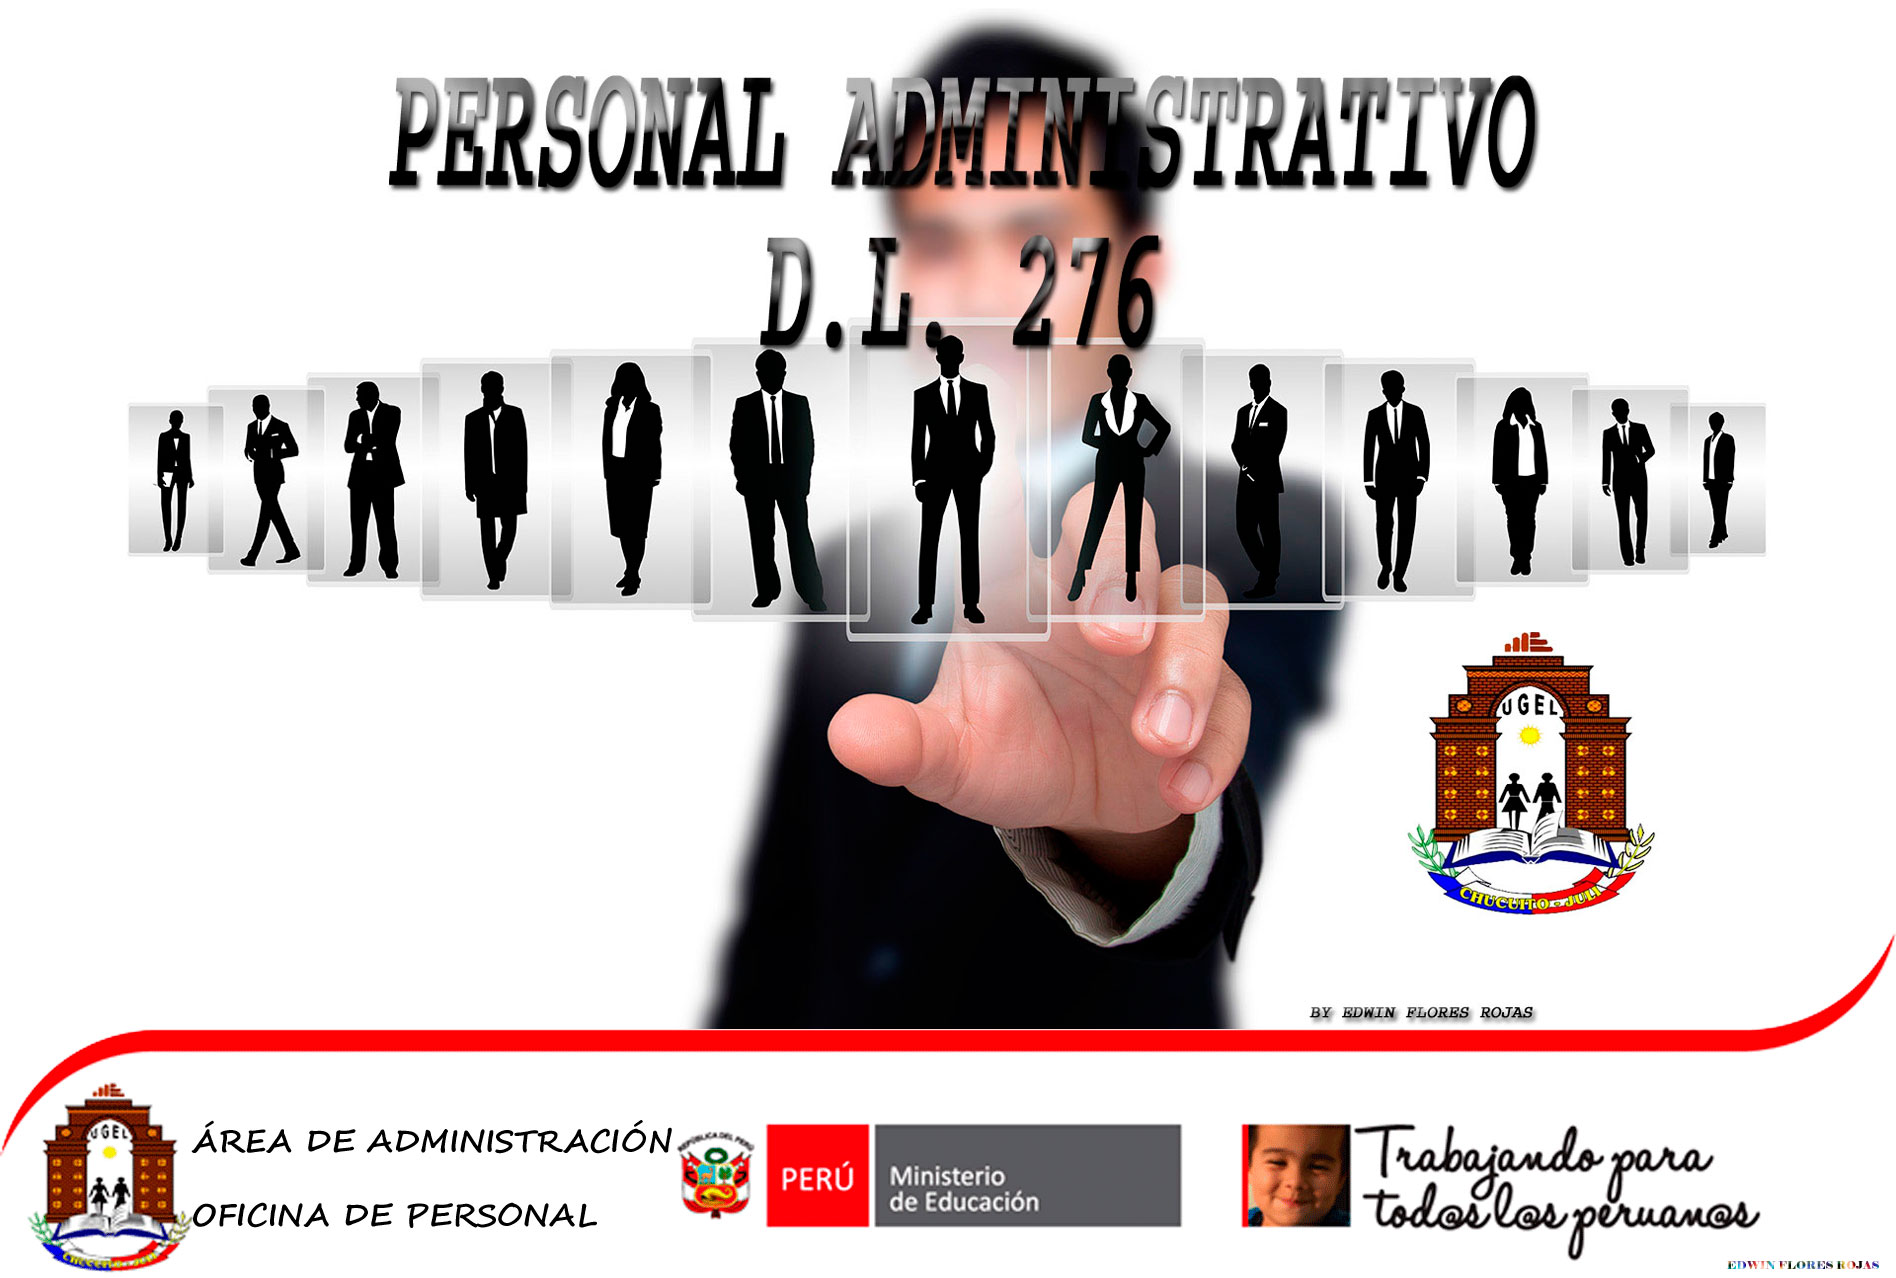 RESULTADOS FINALES DEL PROCESO DE NOMBRAMIENTO PERSONAL ADMINISTRATIVO UGEL CHUCUITO 2019